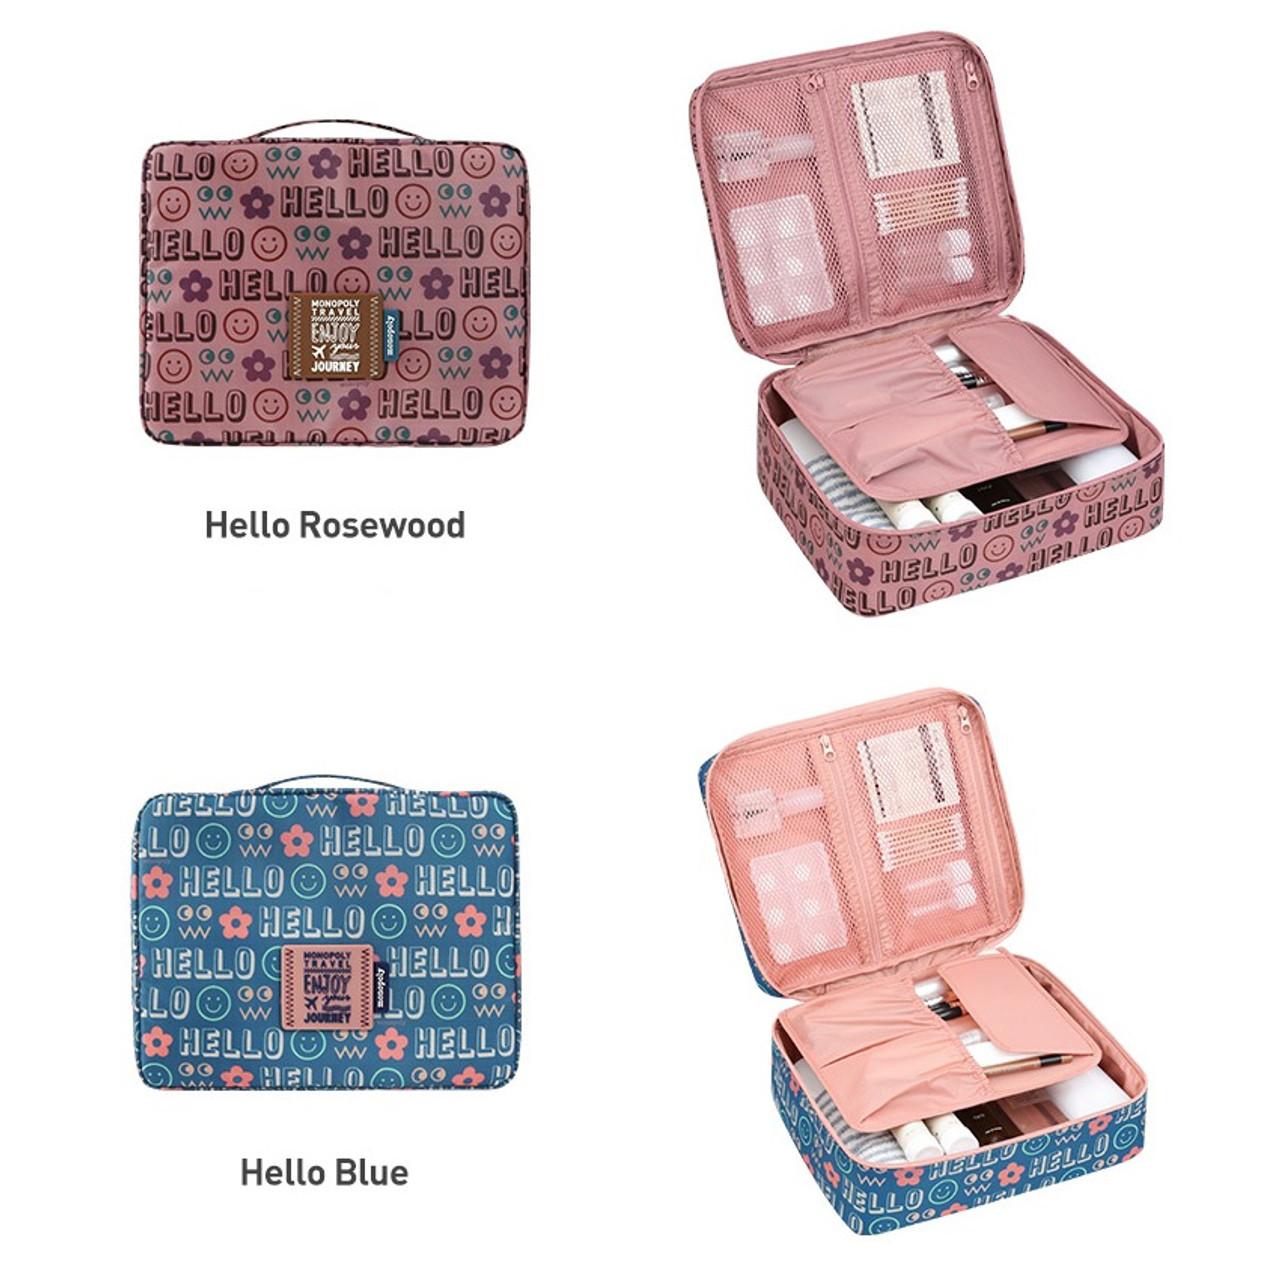 Monopoly Enjoy journey travel large multi pouch bag packing organizer.  Alphabet beige d8c96539174e3